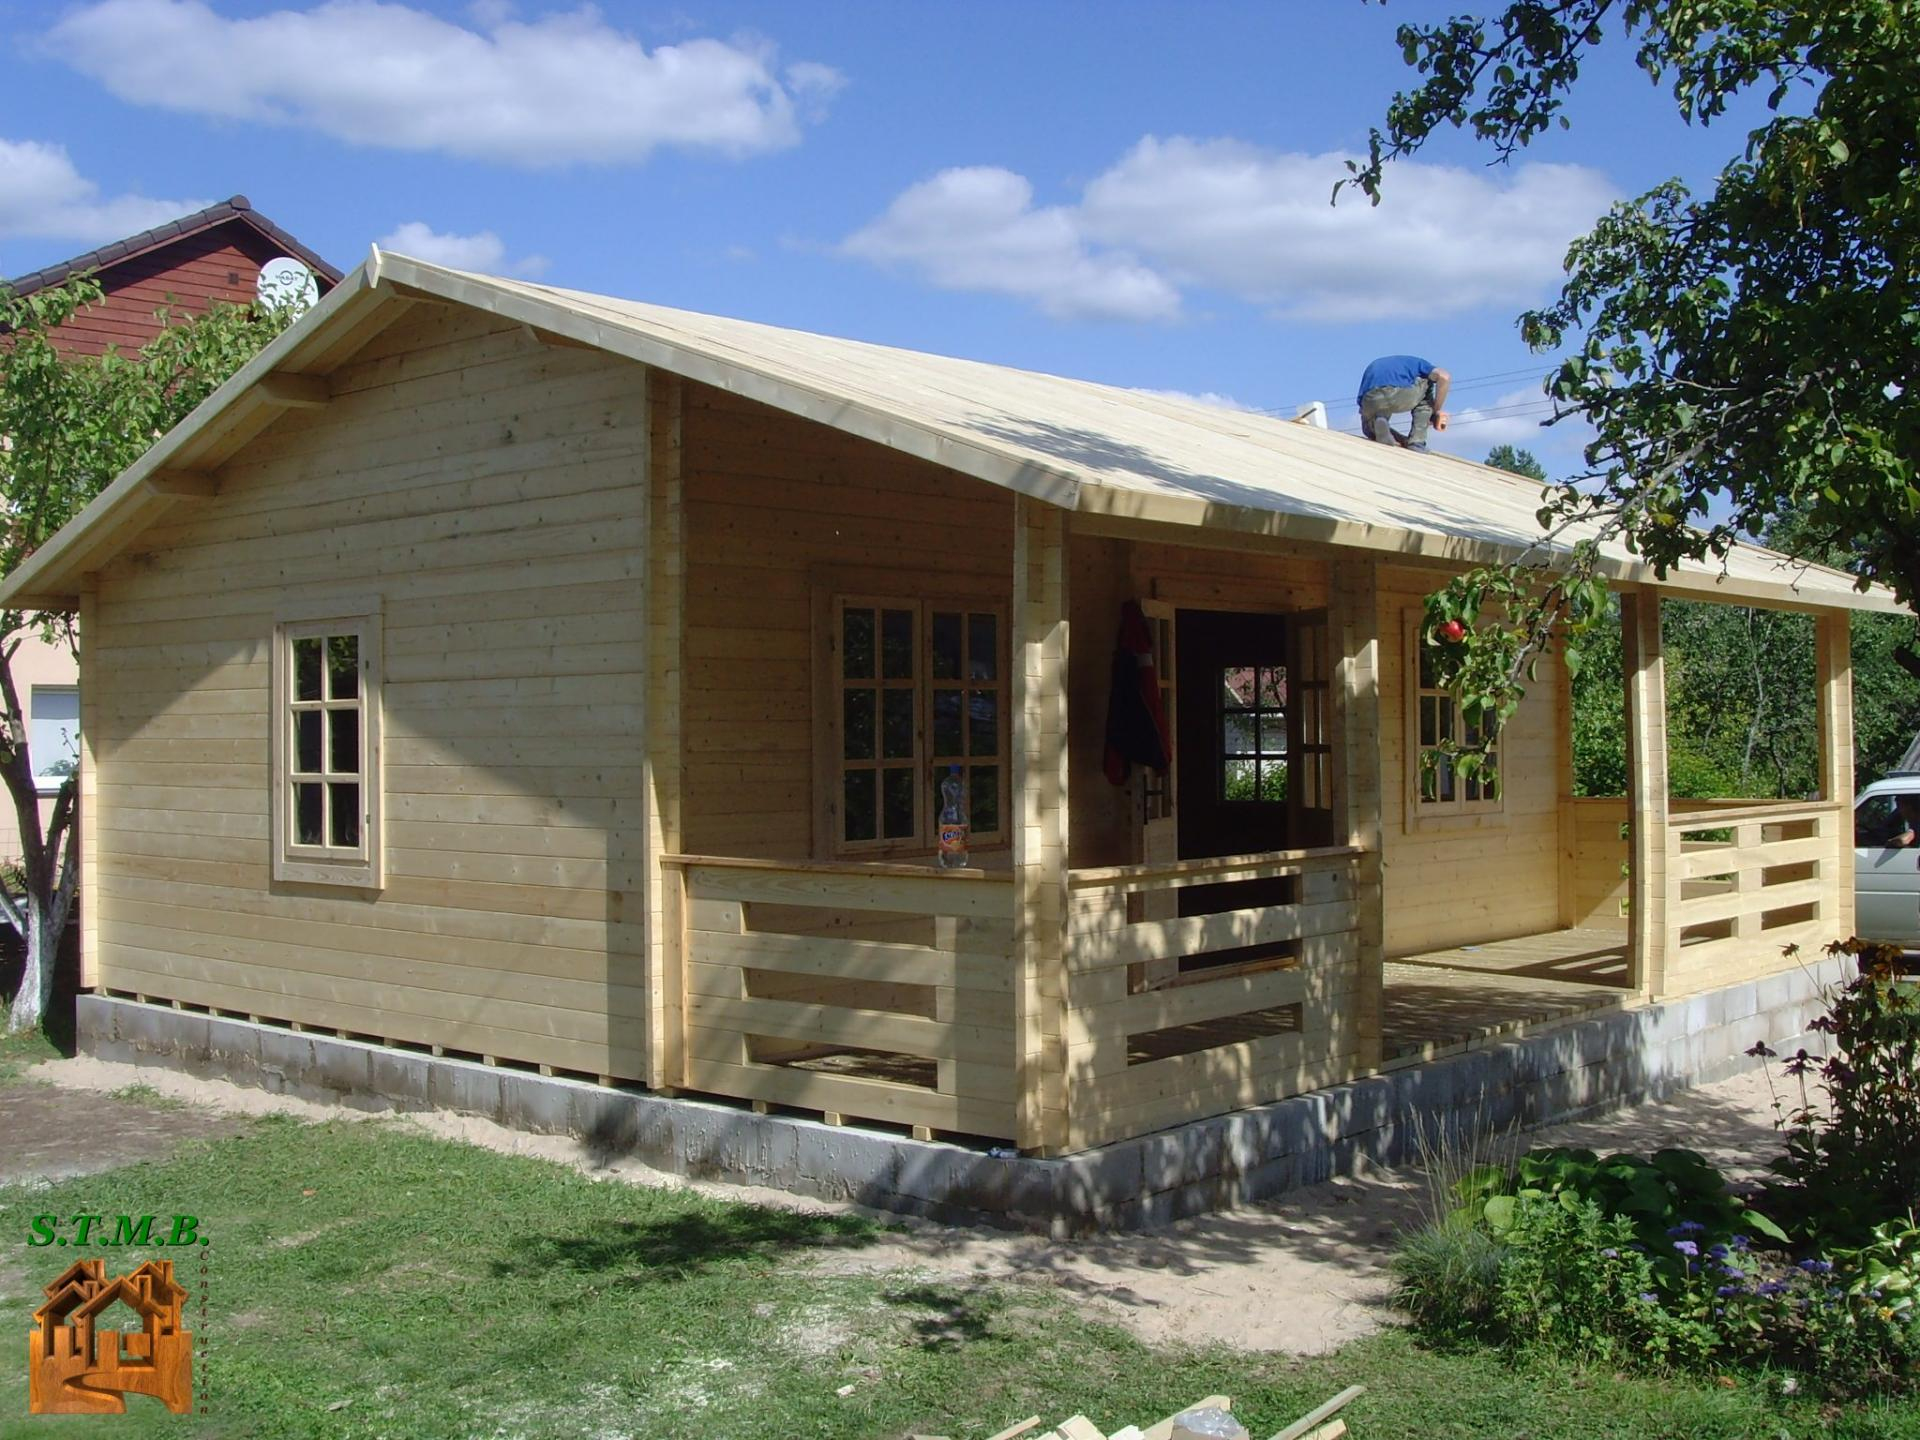 Maison En Bois En Kit Habitable - Le Meilleur Des Maisons ... dedans Cabane Habitable En Kit